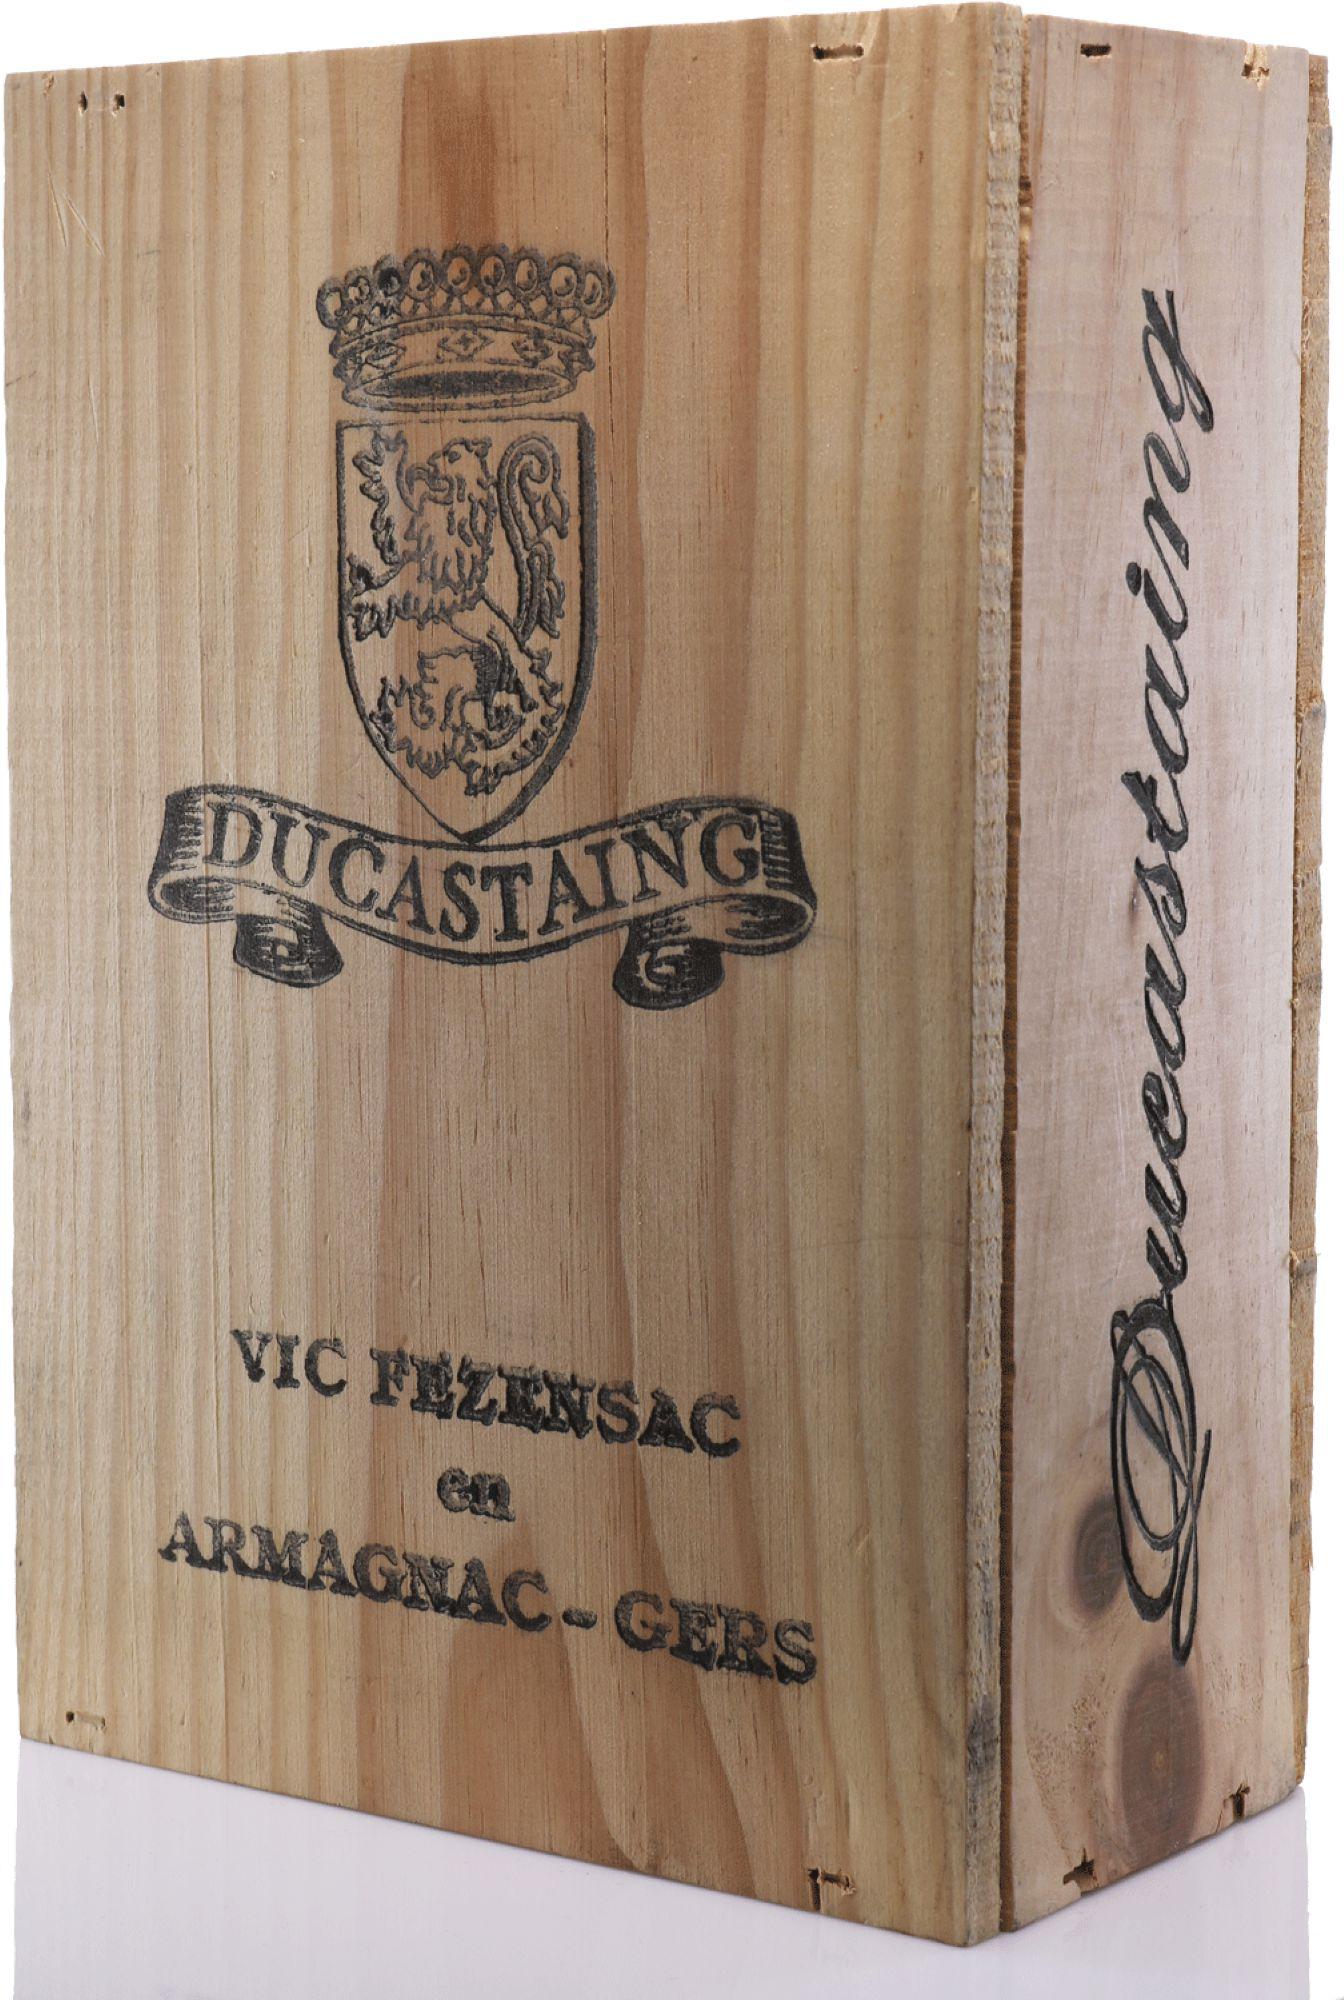 Armagnac 1946 Ducastaing